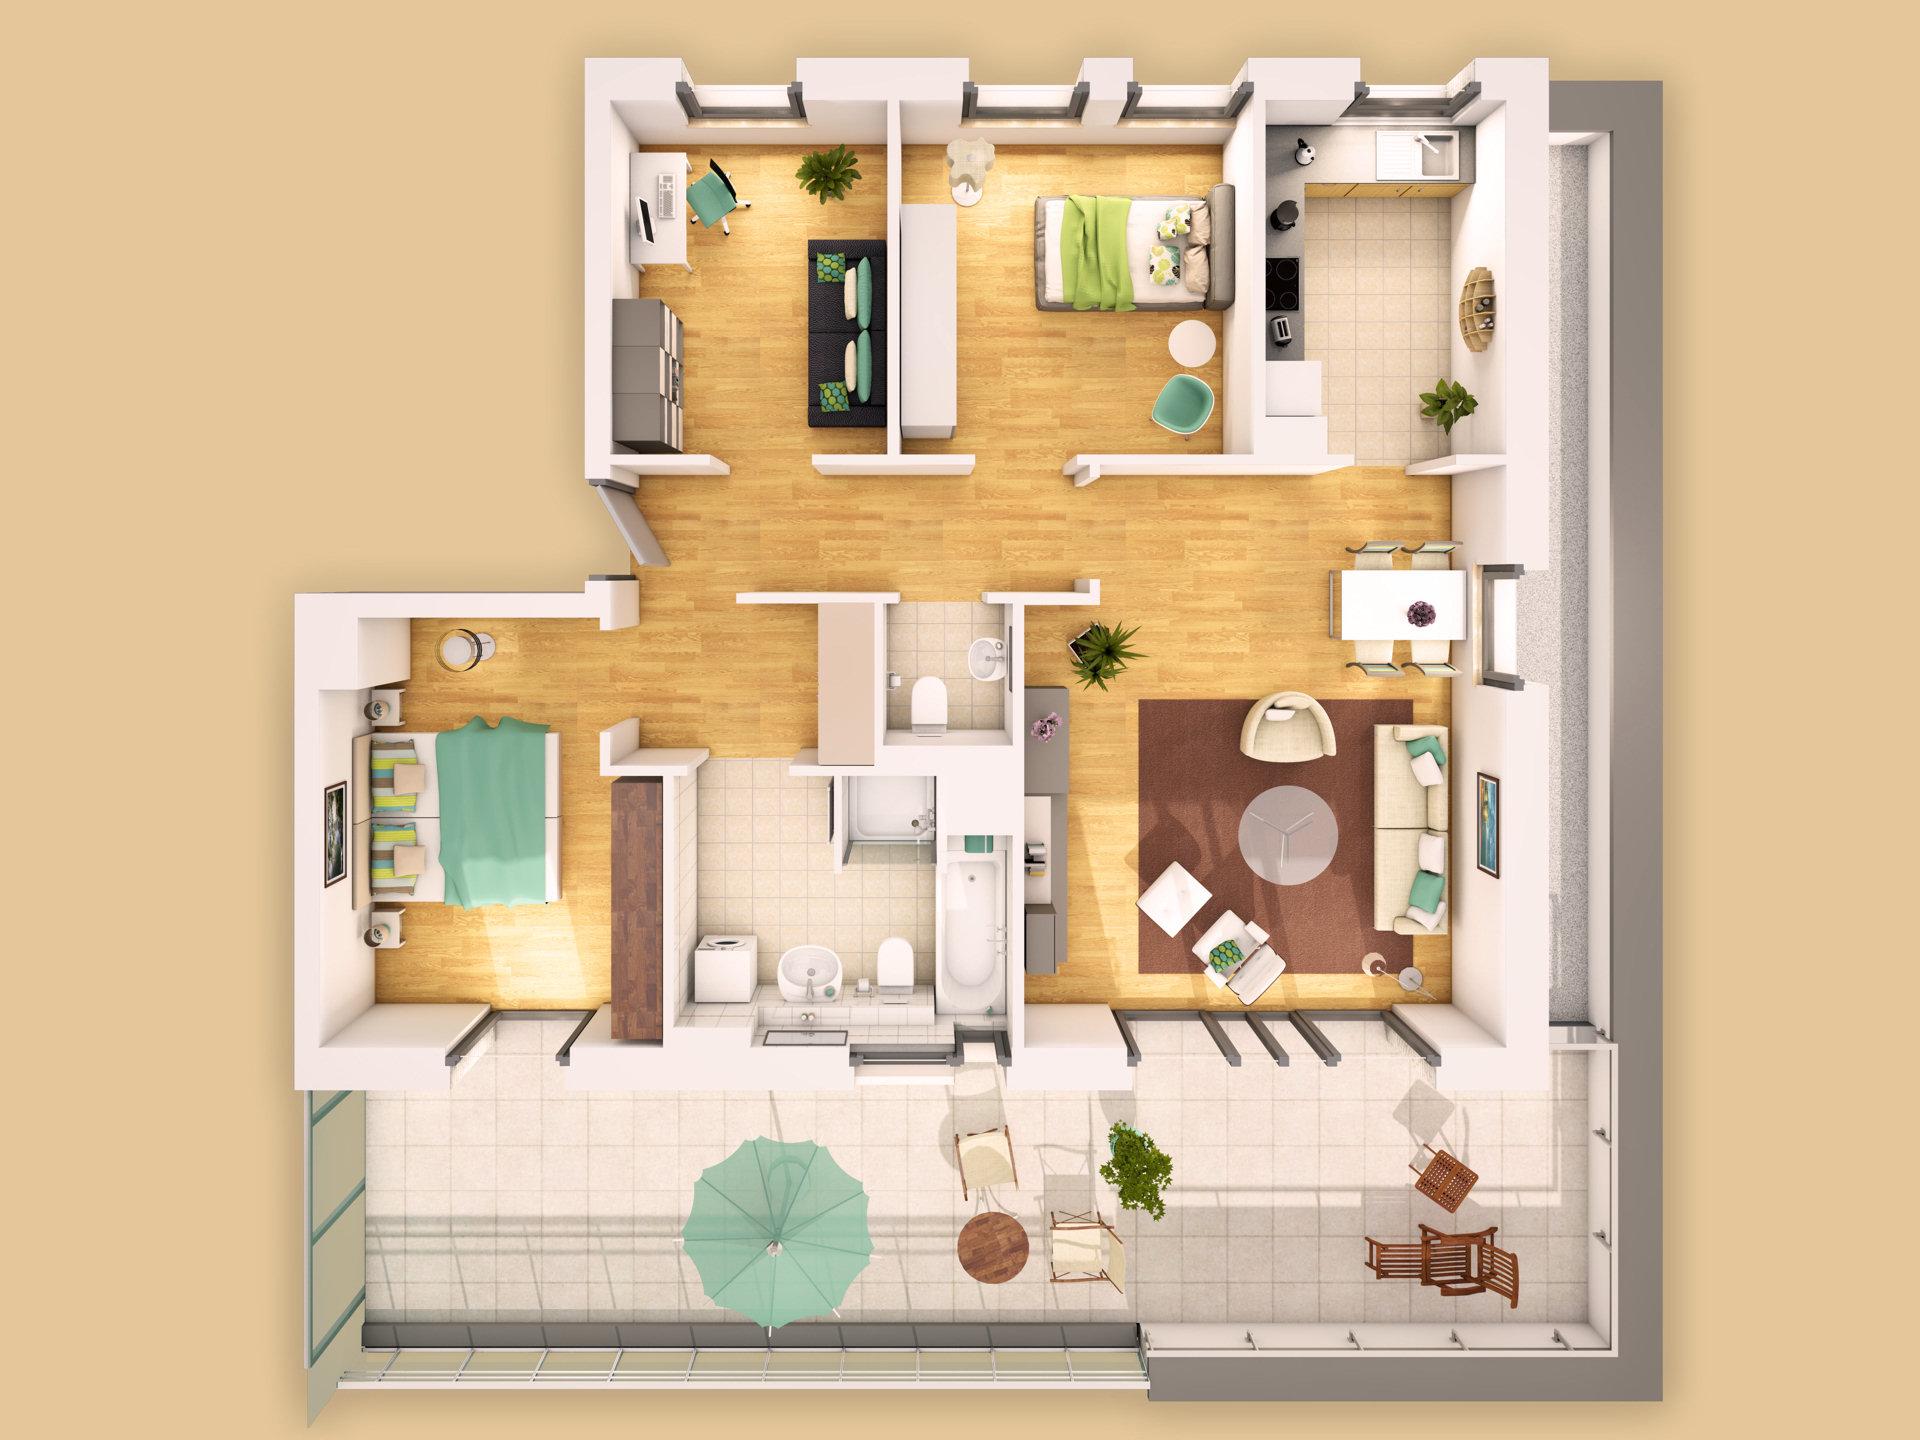 Einfamilienhaus grundriss 3d  Modelldigital | Architekturvisualisierungen Lübeck | 3D-Grundrisse ...